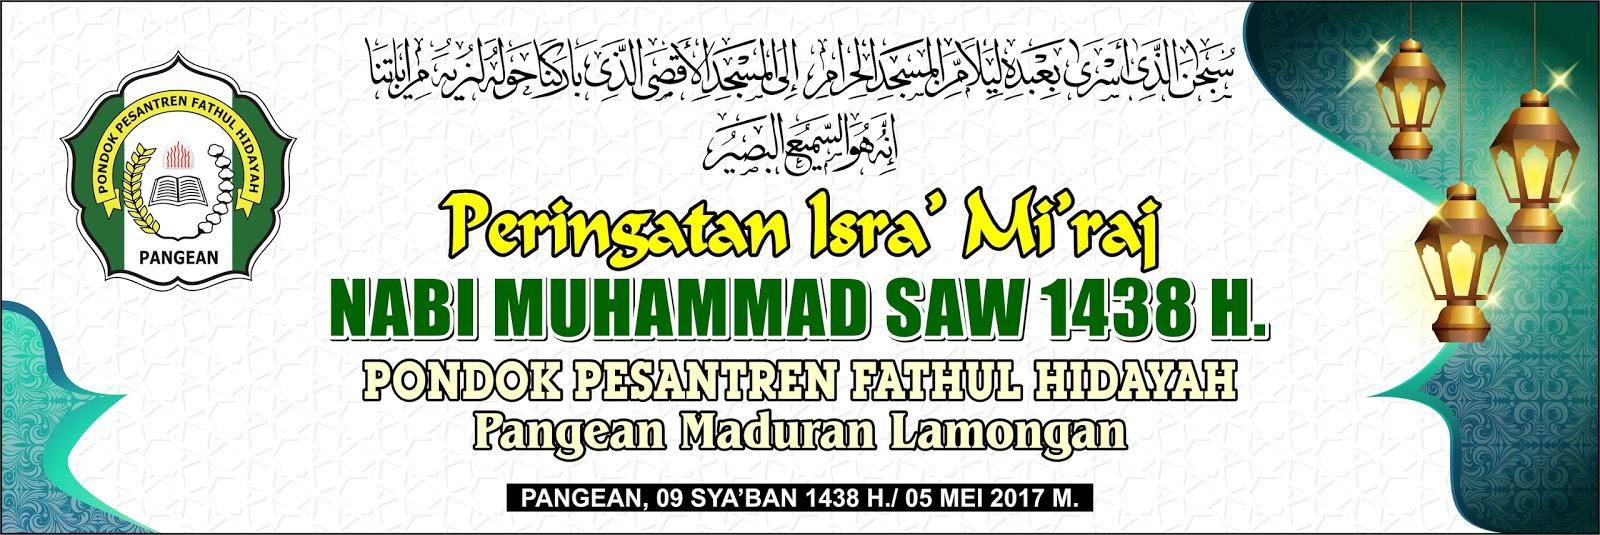 Desain Banner Background Isra' Mi'raj 2017   Basmalah ...